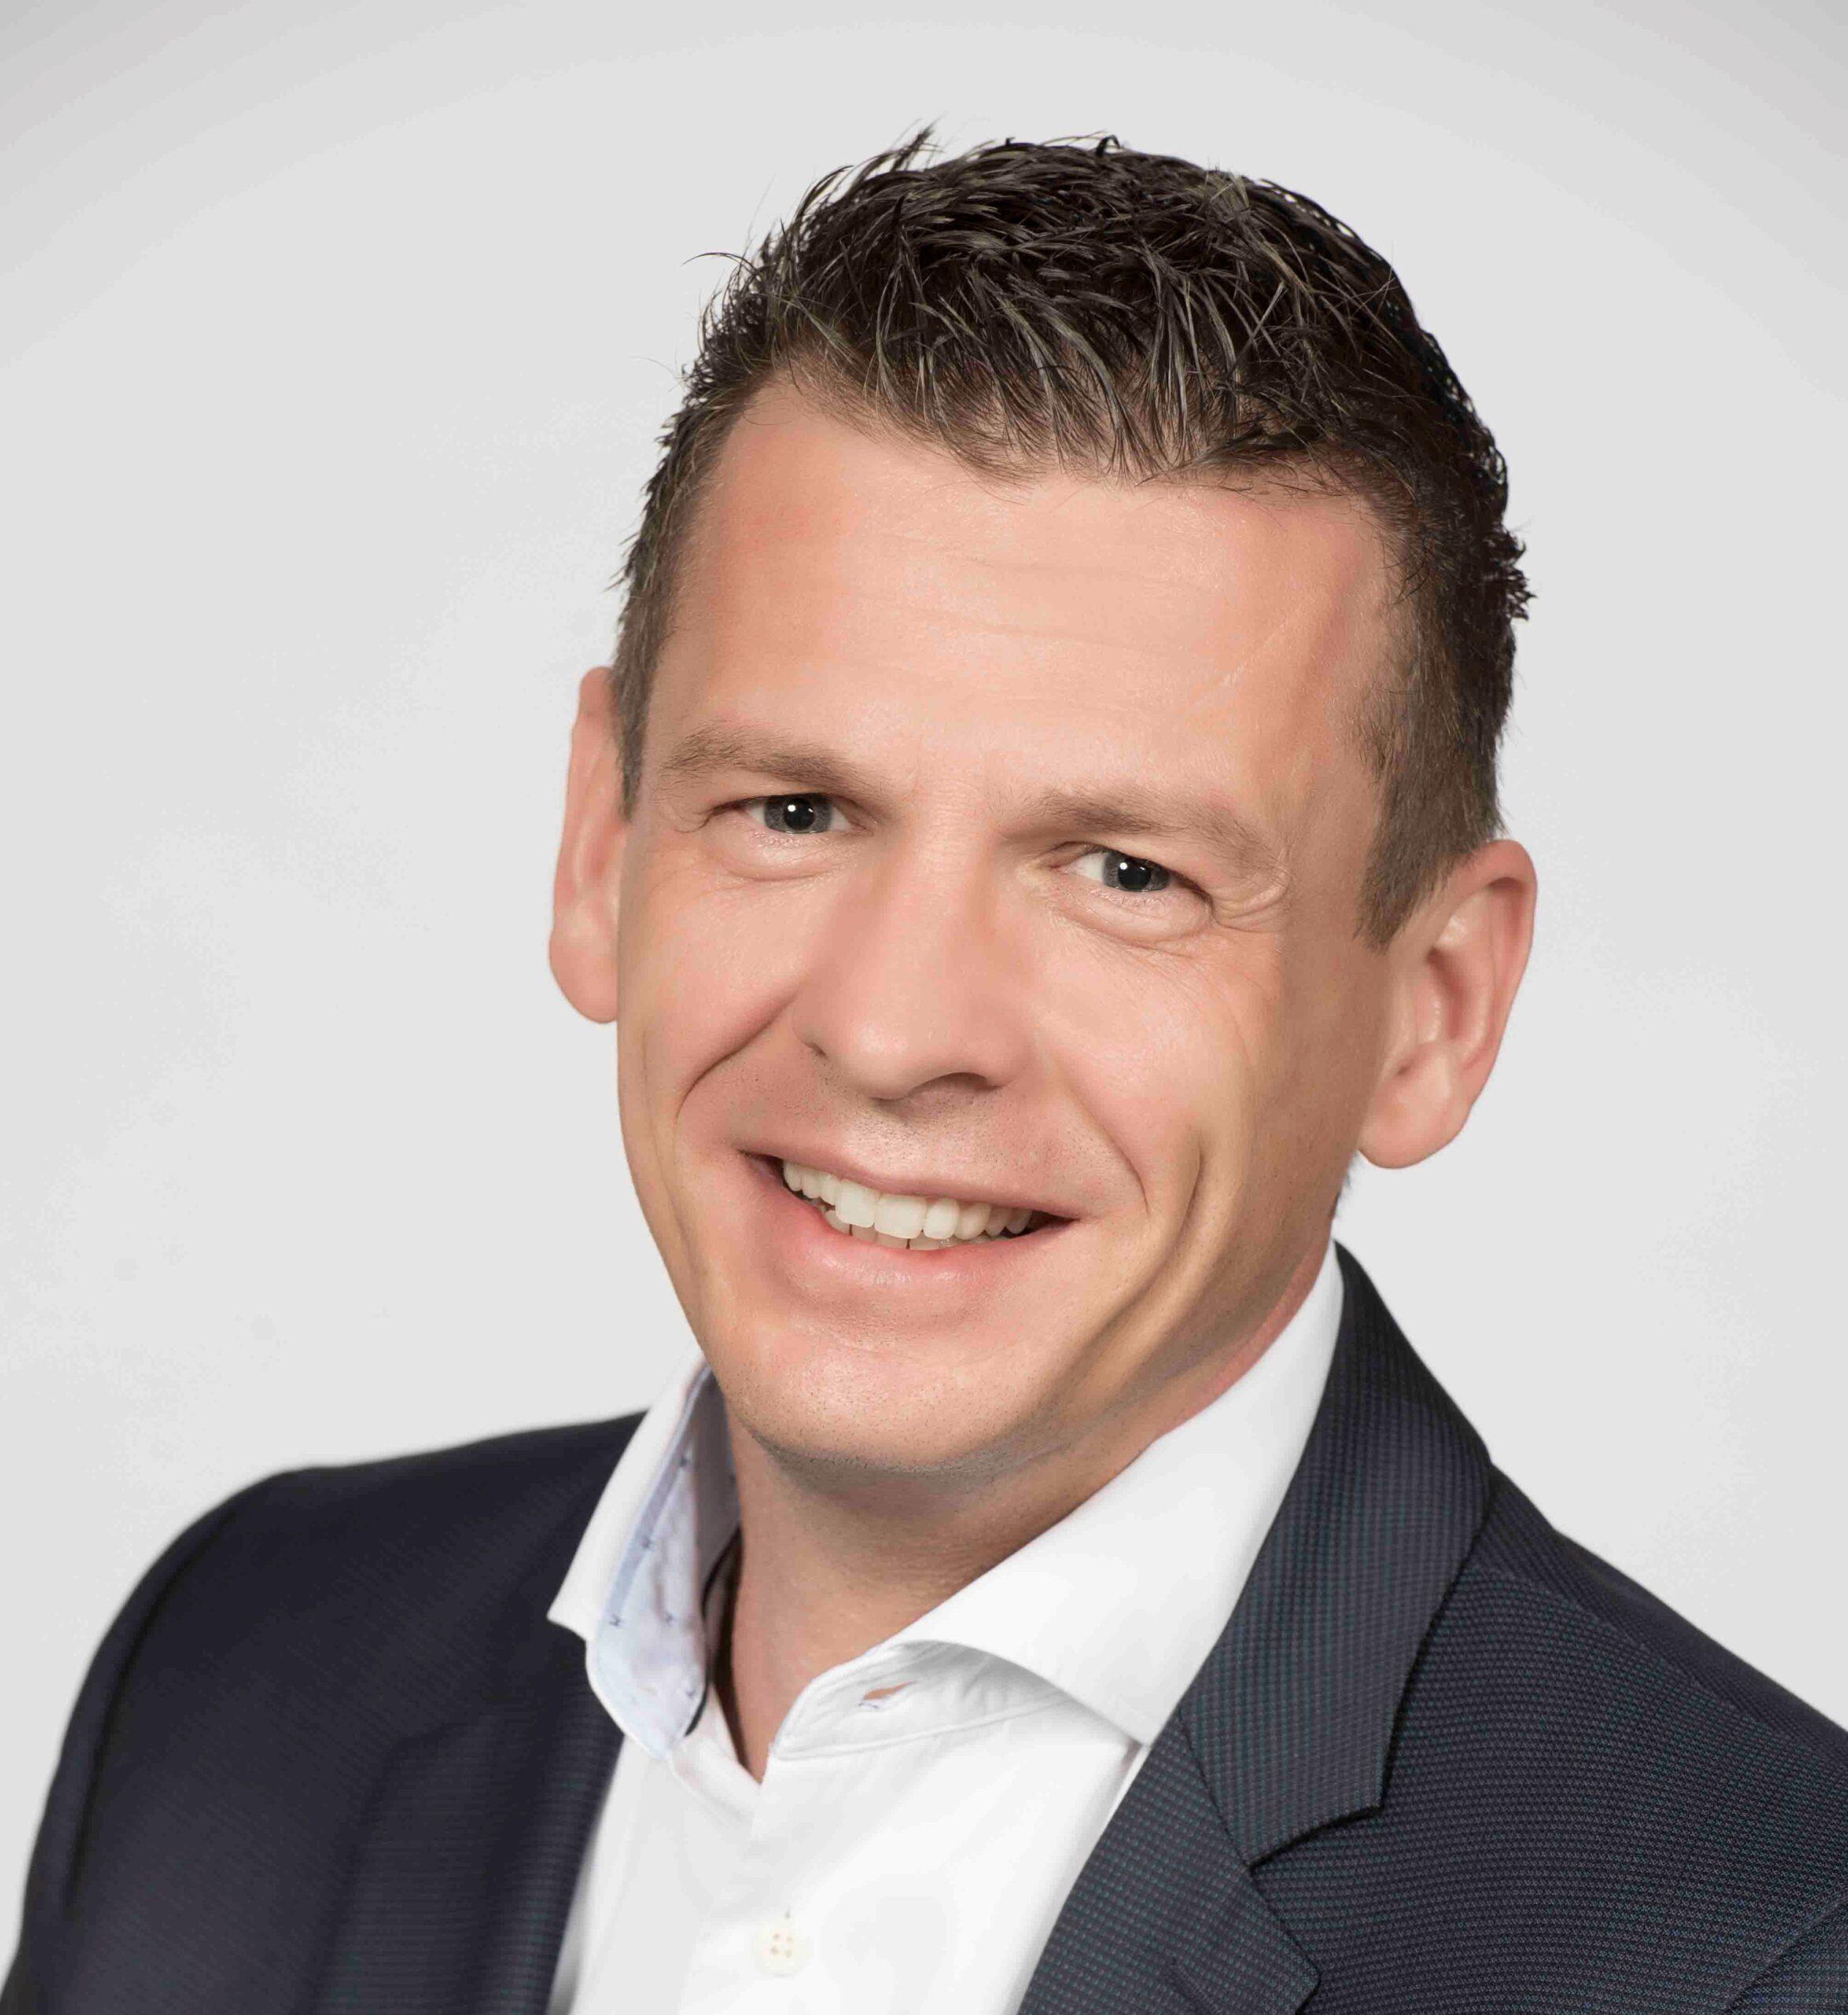 Wouter van den Brink, Commercieel directeur bij Intersafe: 'Het nastreven van regels alléén zorgt niet voor veiligheid in de praktijk.'